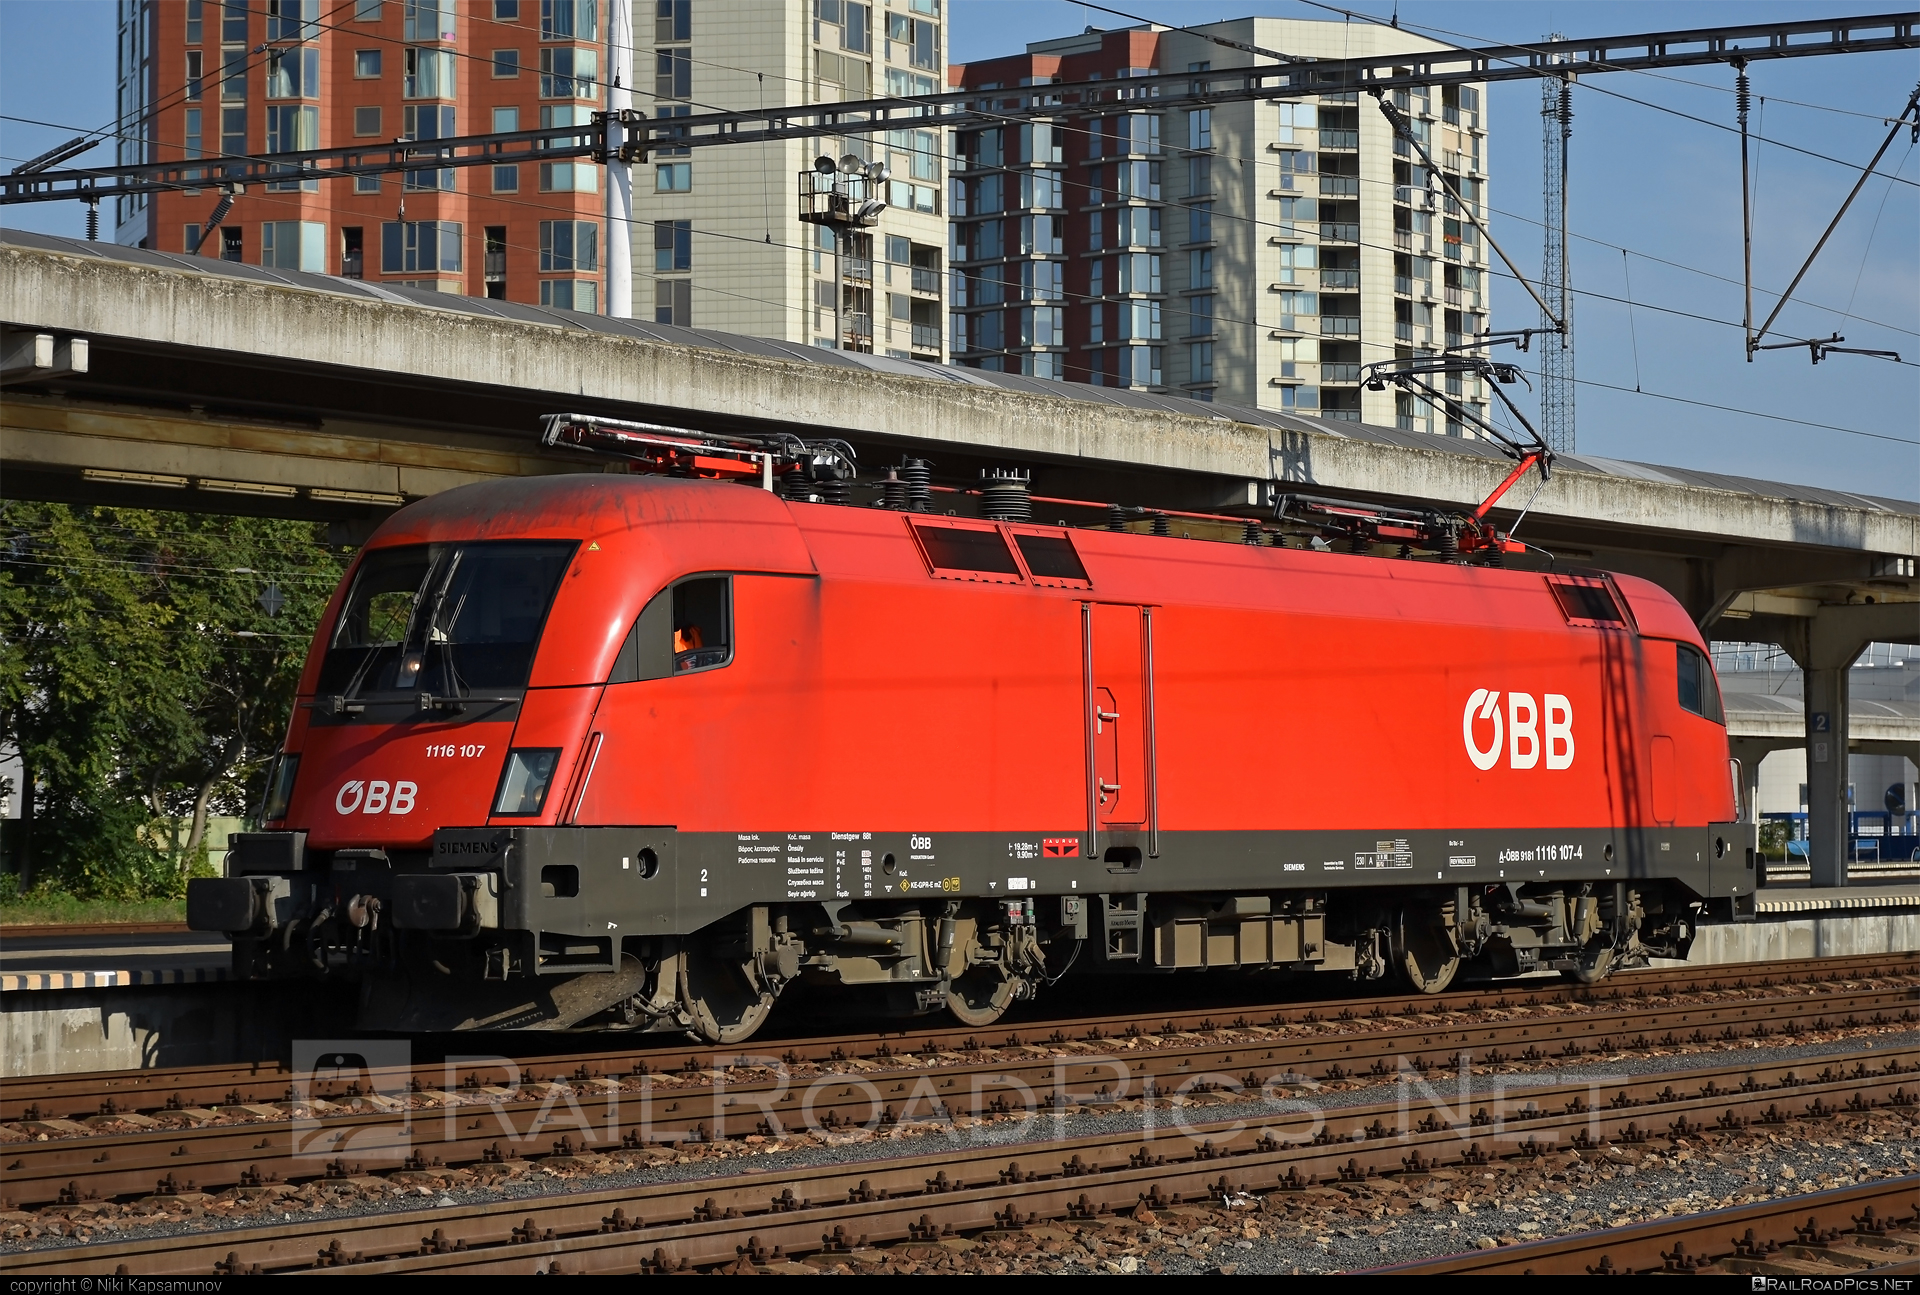 Siemens ES 64 U2 - 1116 107 operated by Rail Cargo Austria AG #es64 #es64u #es64u2 #eurosprinter #obb #osterreichischebundesbahnen #siemens #siemenses64 #siemenses64u #siemenses64u2 #siemenstaurus #taurus #tauruslocomotive